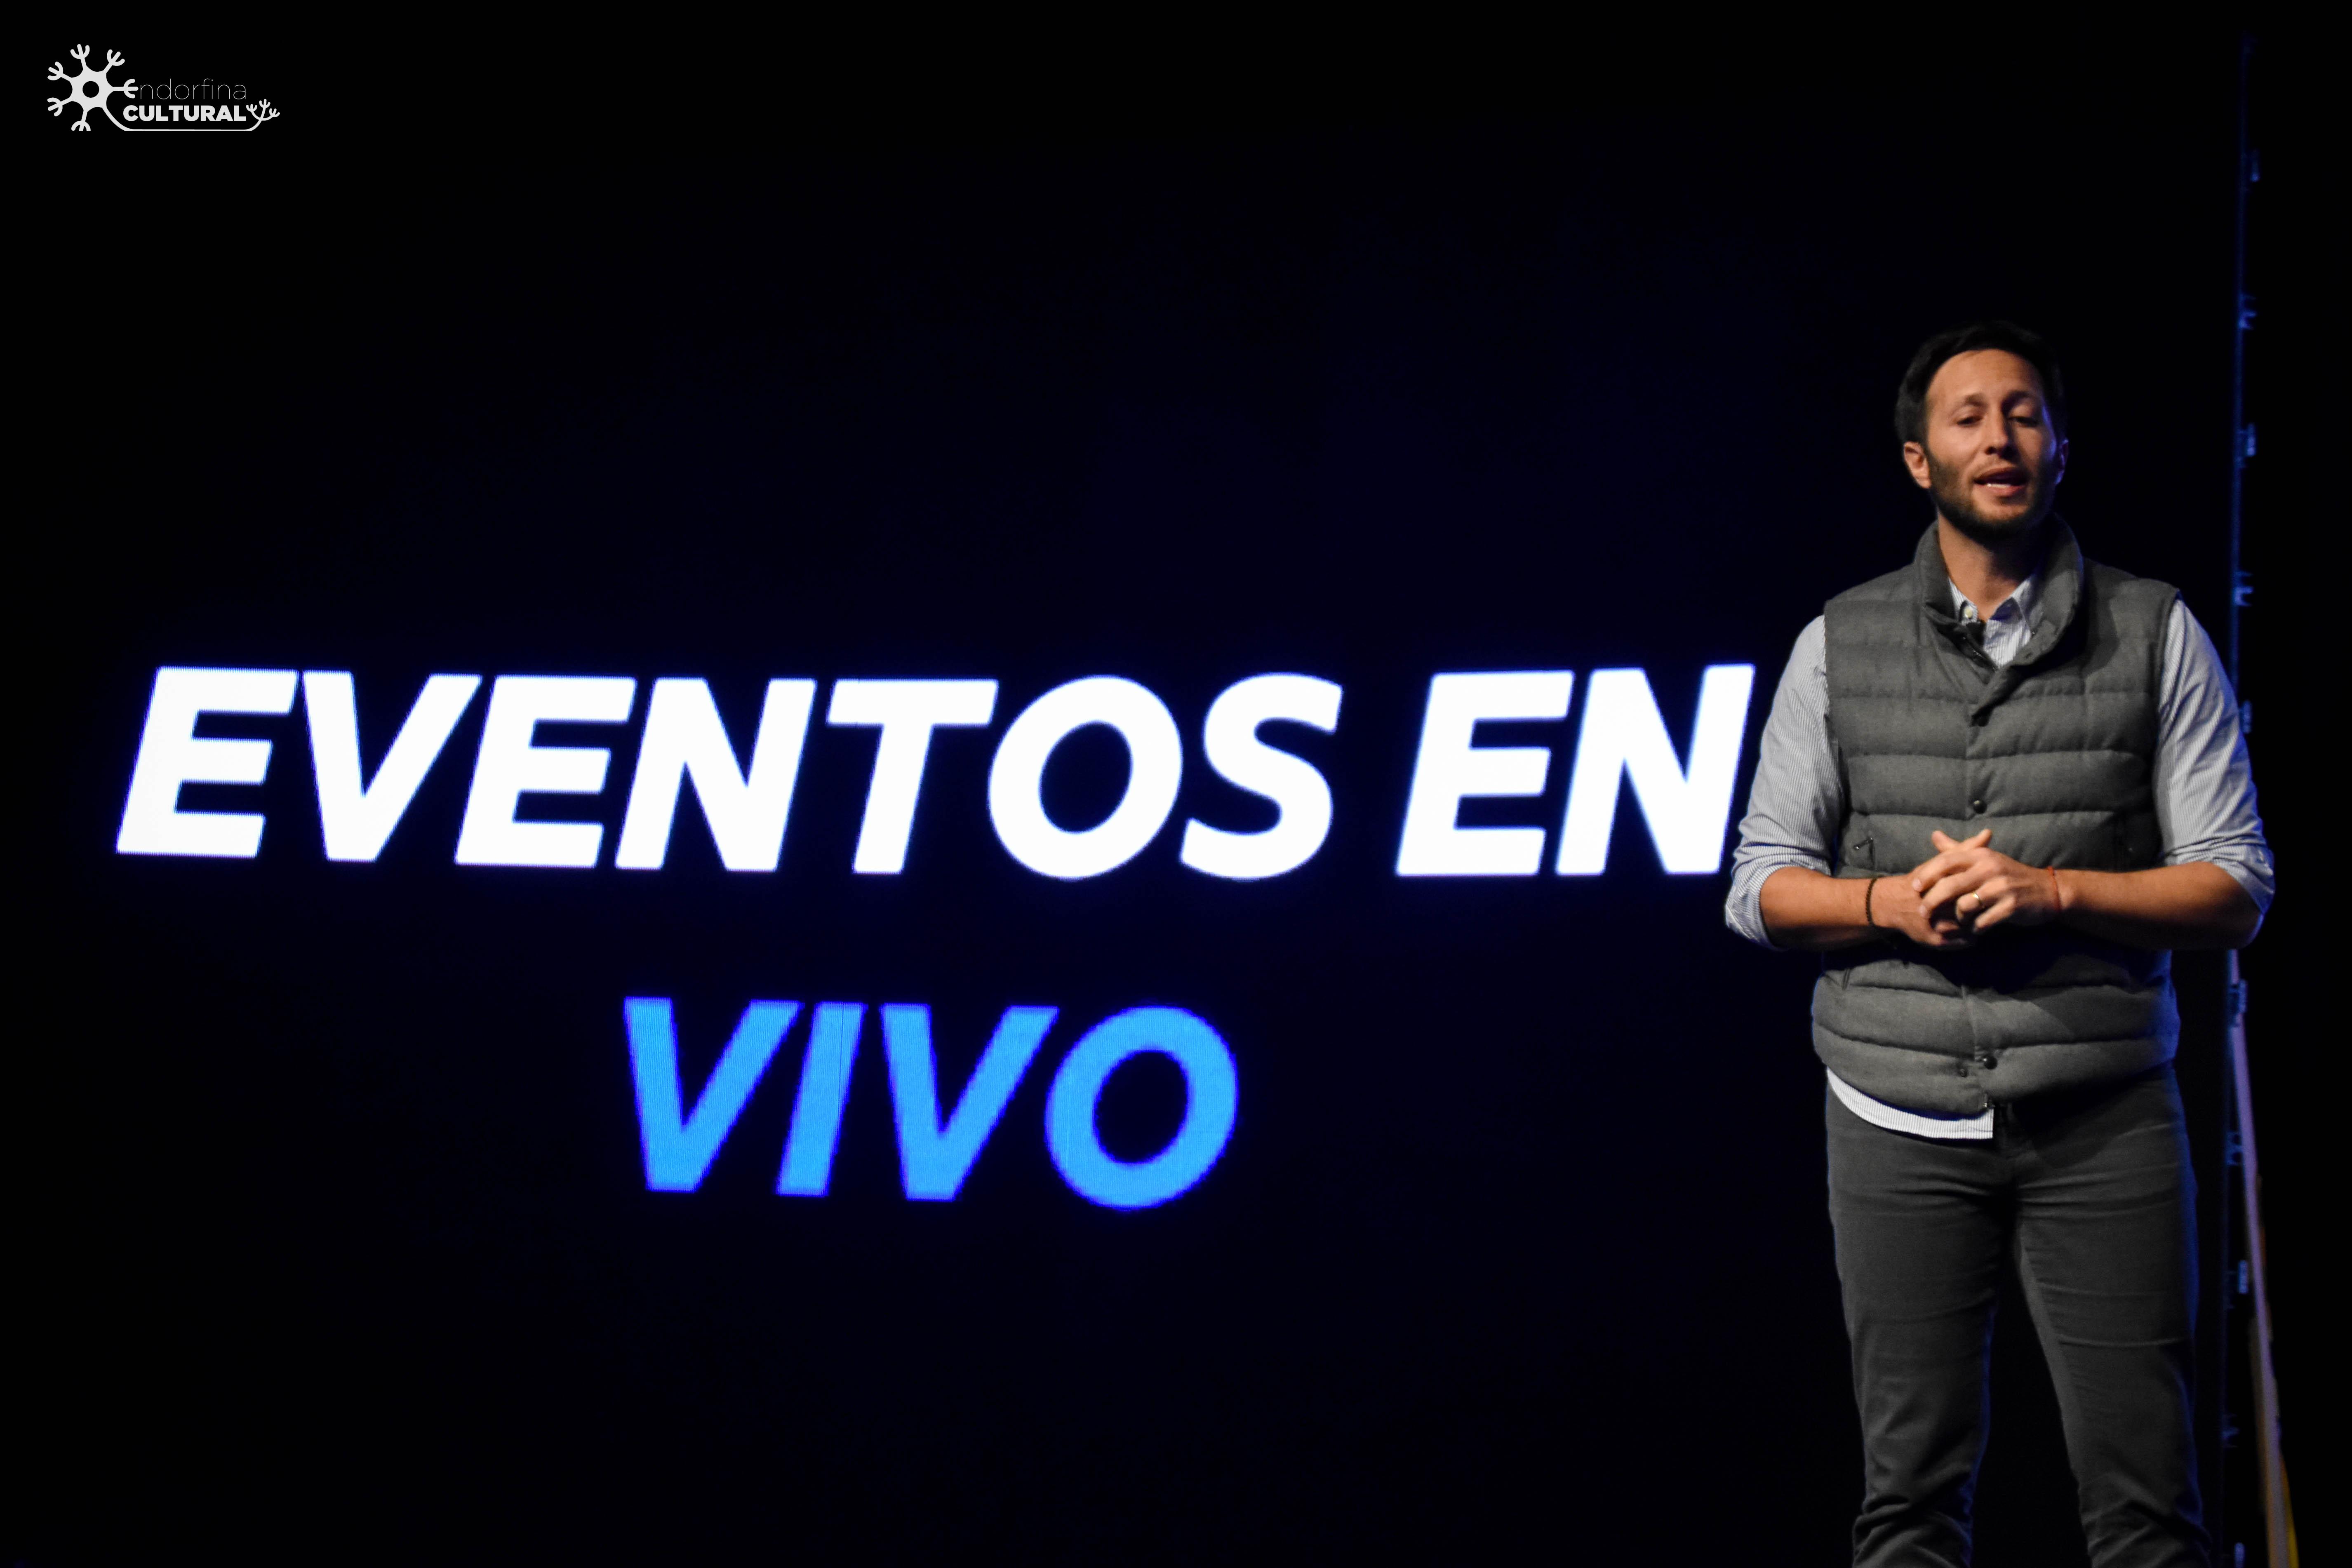 TURNER PRESENTÓ SUS PLANES Y NUEVAS TECNOLOGÍAS PARA ESTE 2018